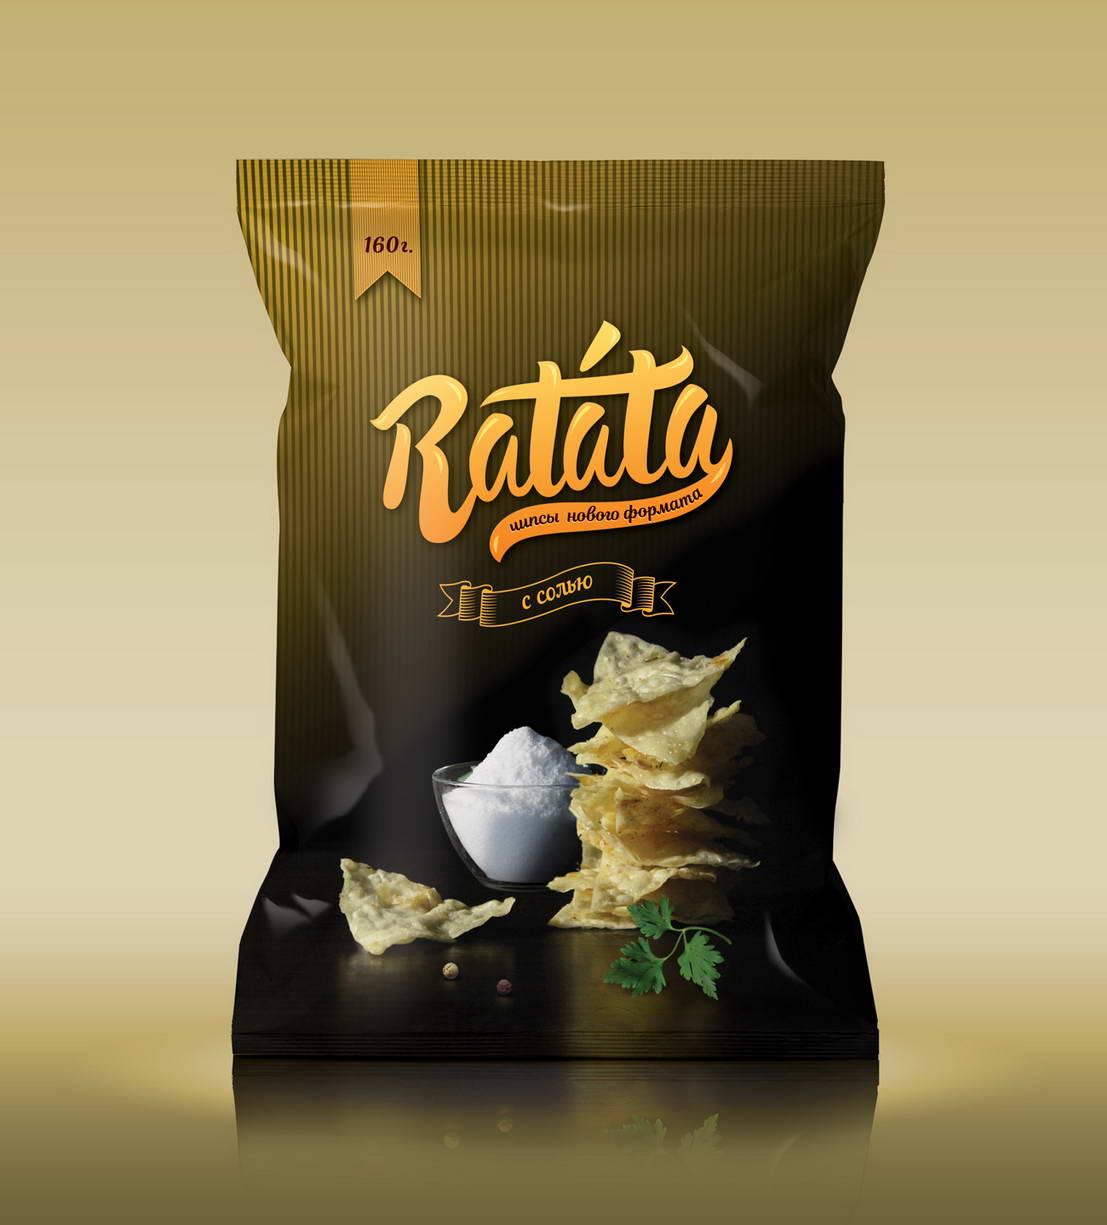 Дизайн упаковки чипсов Ratata с солью